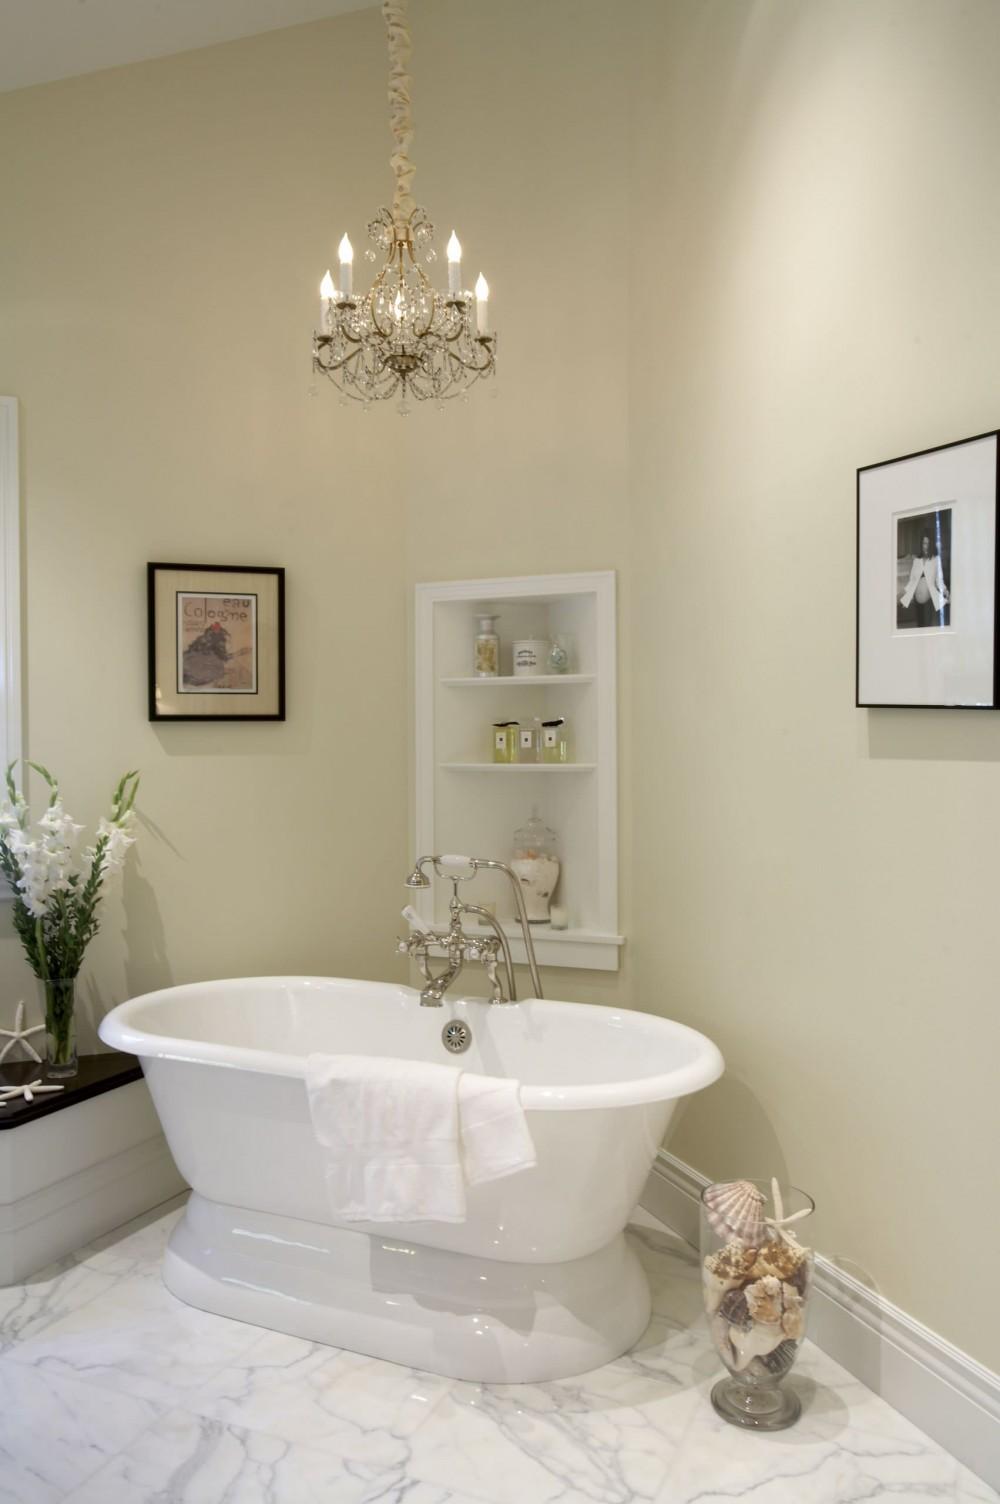 Люстра в уютной классической ванной